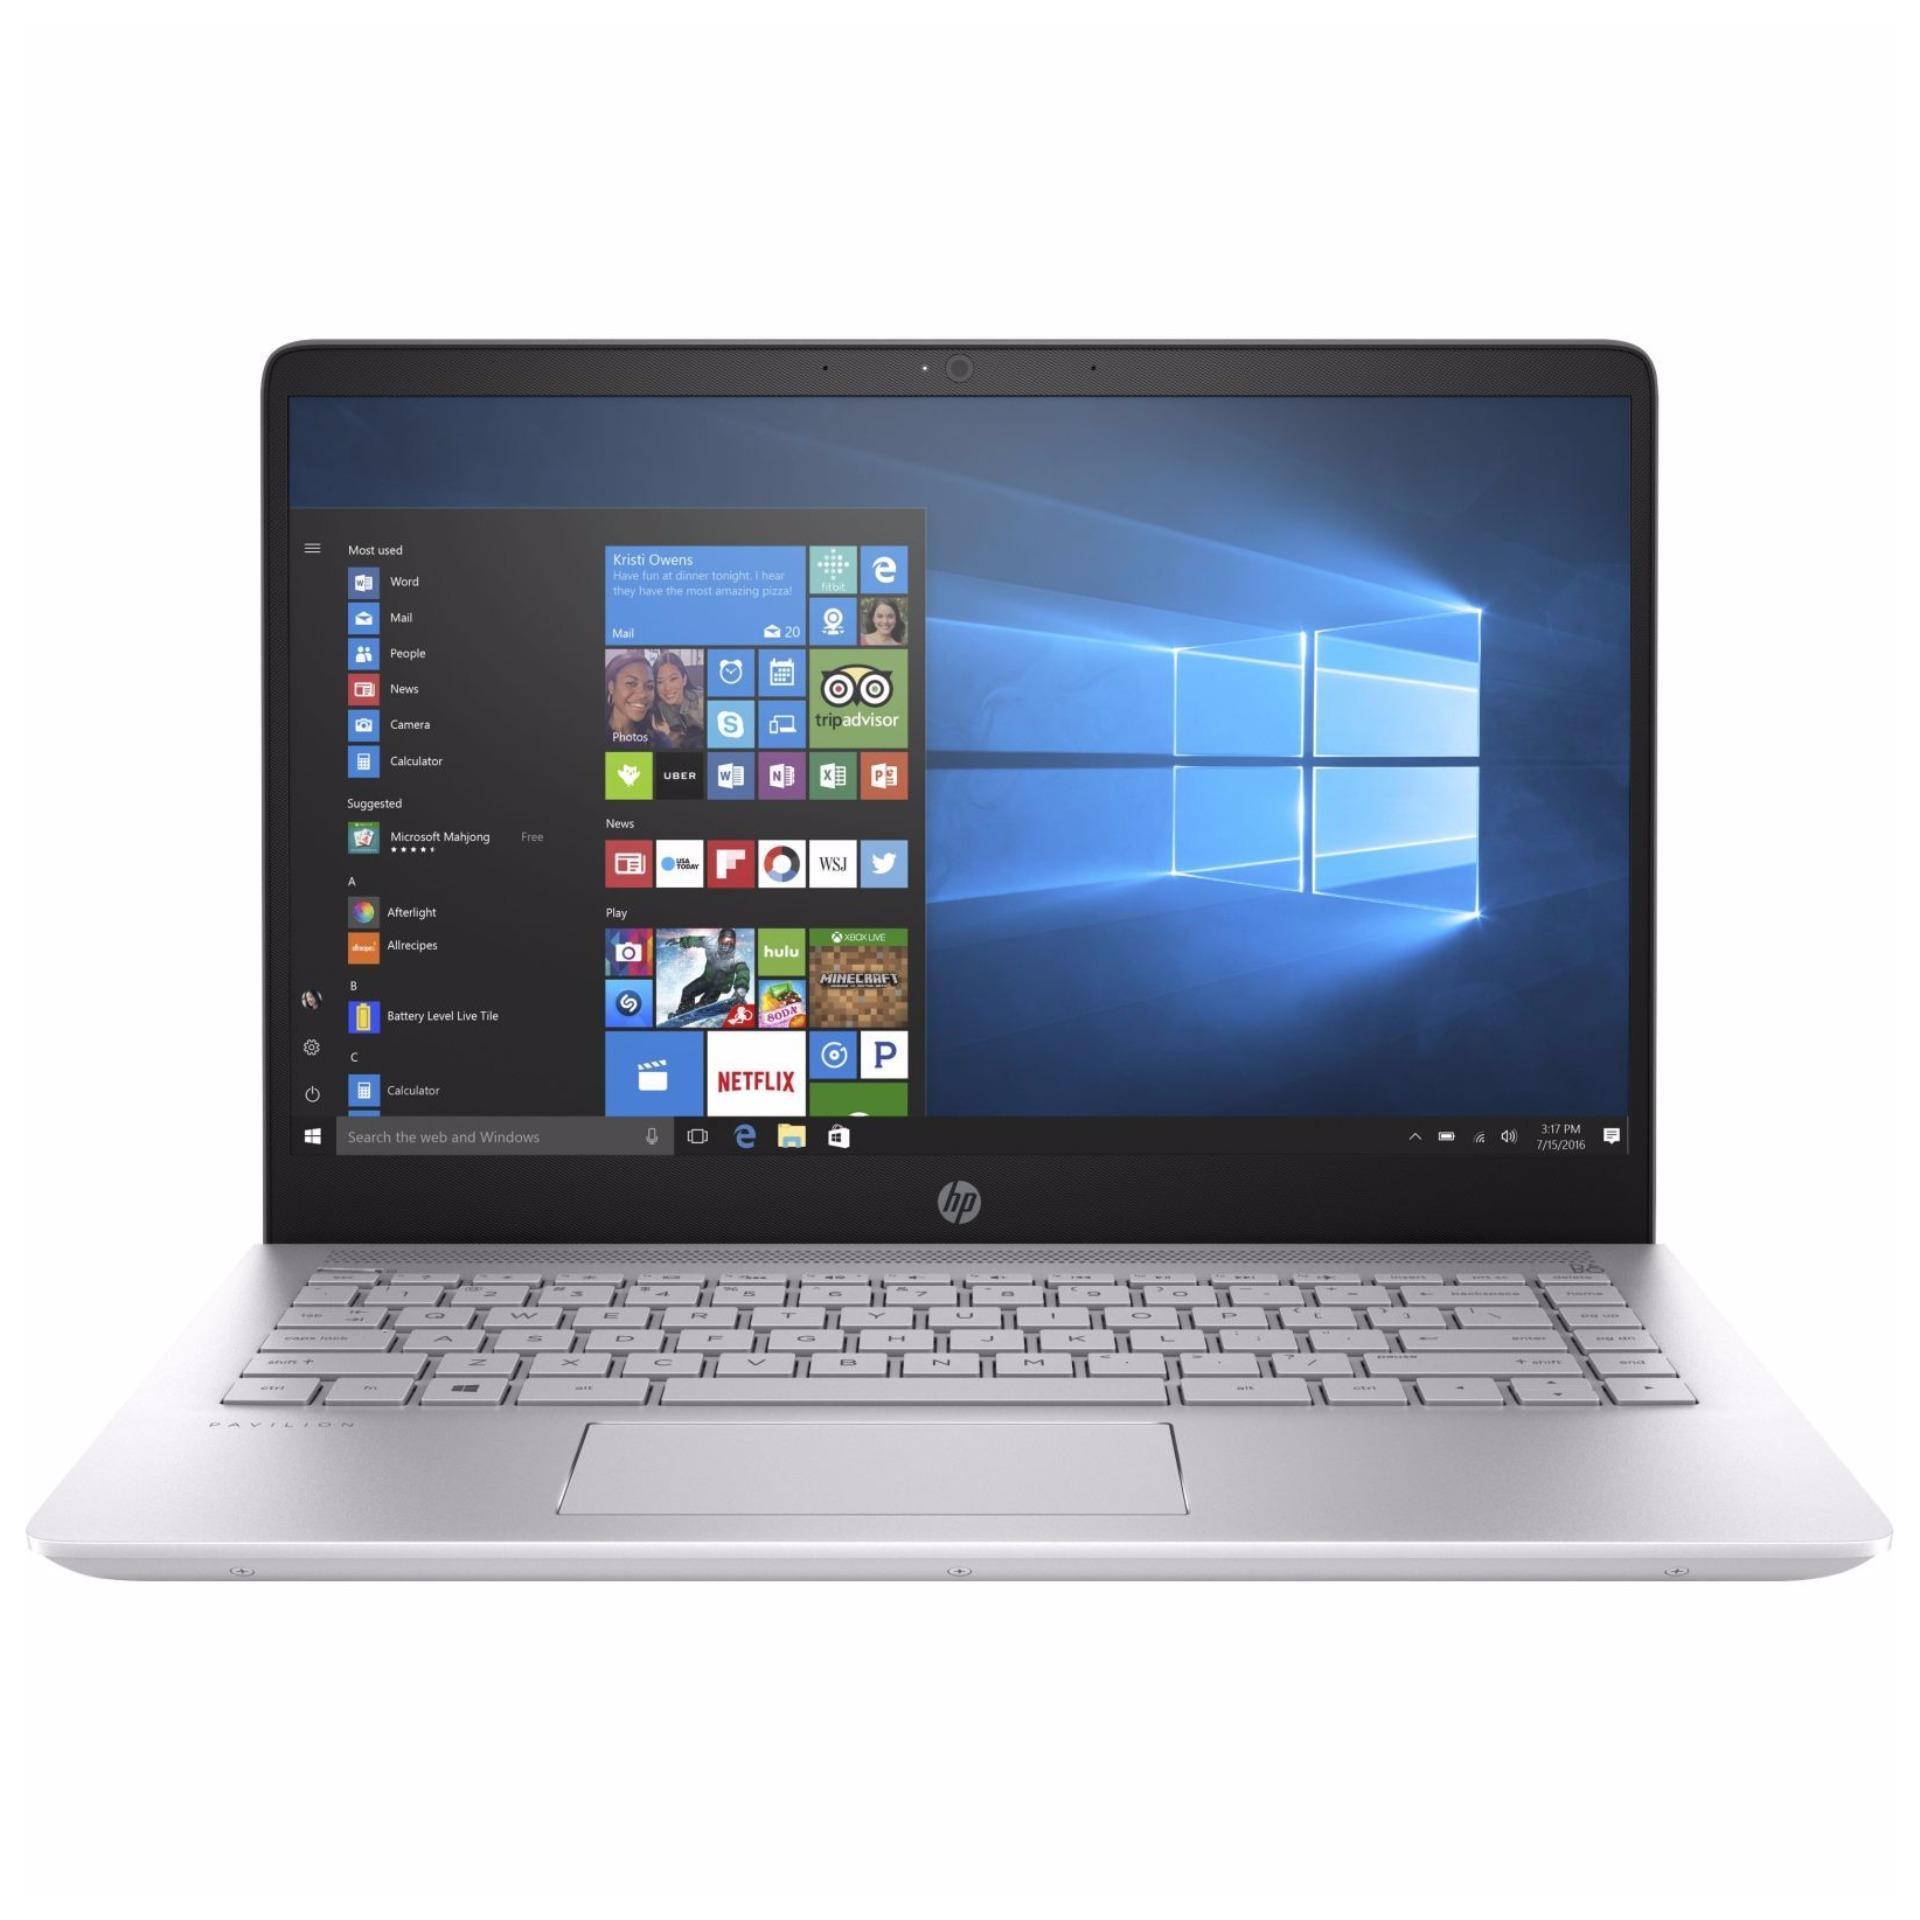 HP Pavilion Laptop 15-ck038TX i7-8550U Windows 10 Home 64 15.6″ FHD 8 GB DDR4-2400 SDRAM (1 x 8 GB); 1 TB 5400 rpm SATA PLUS 128 GB M.2 SSD NVIDIA® GeForce® MX150 (2 GB GDDR5)